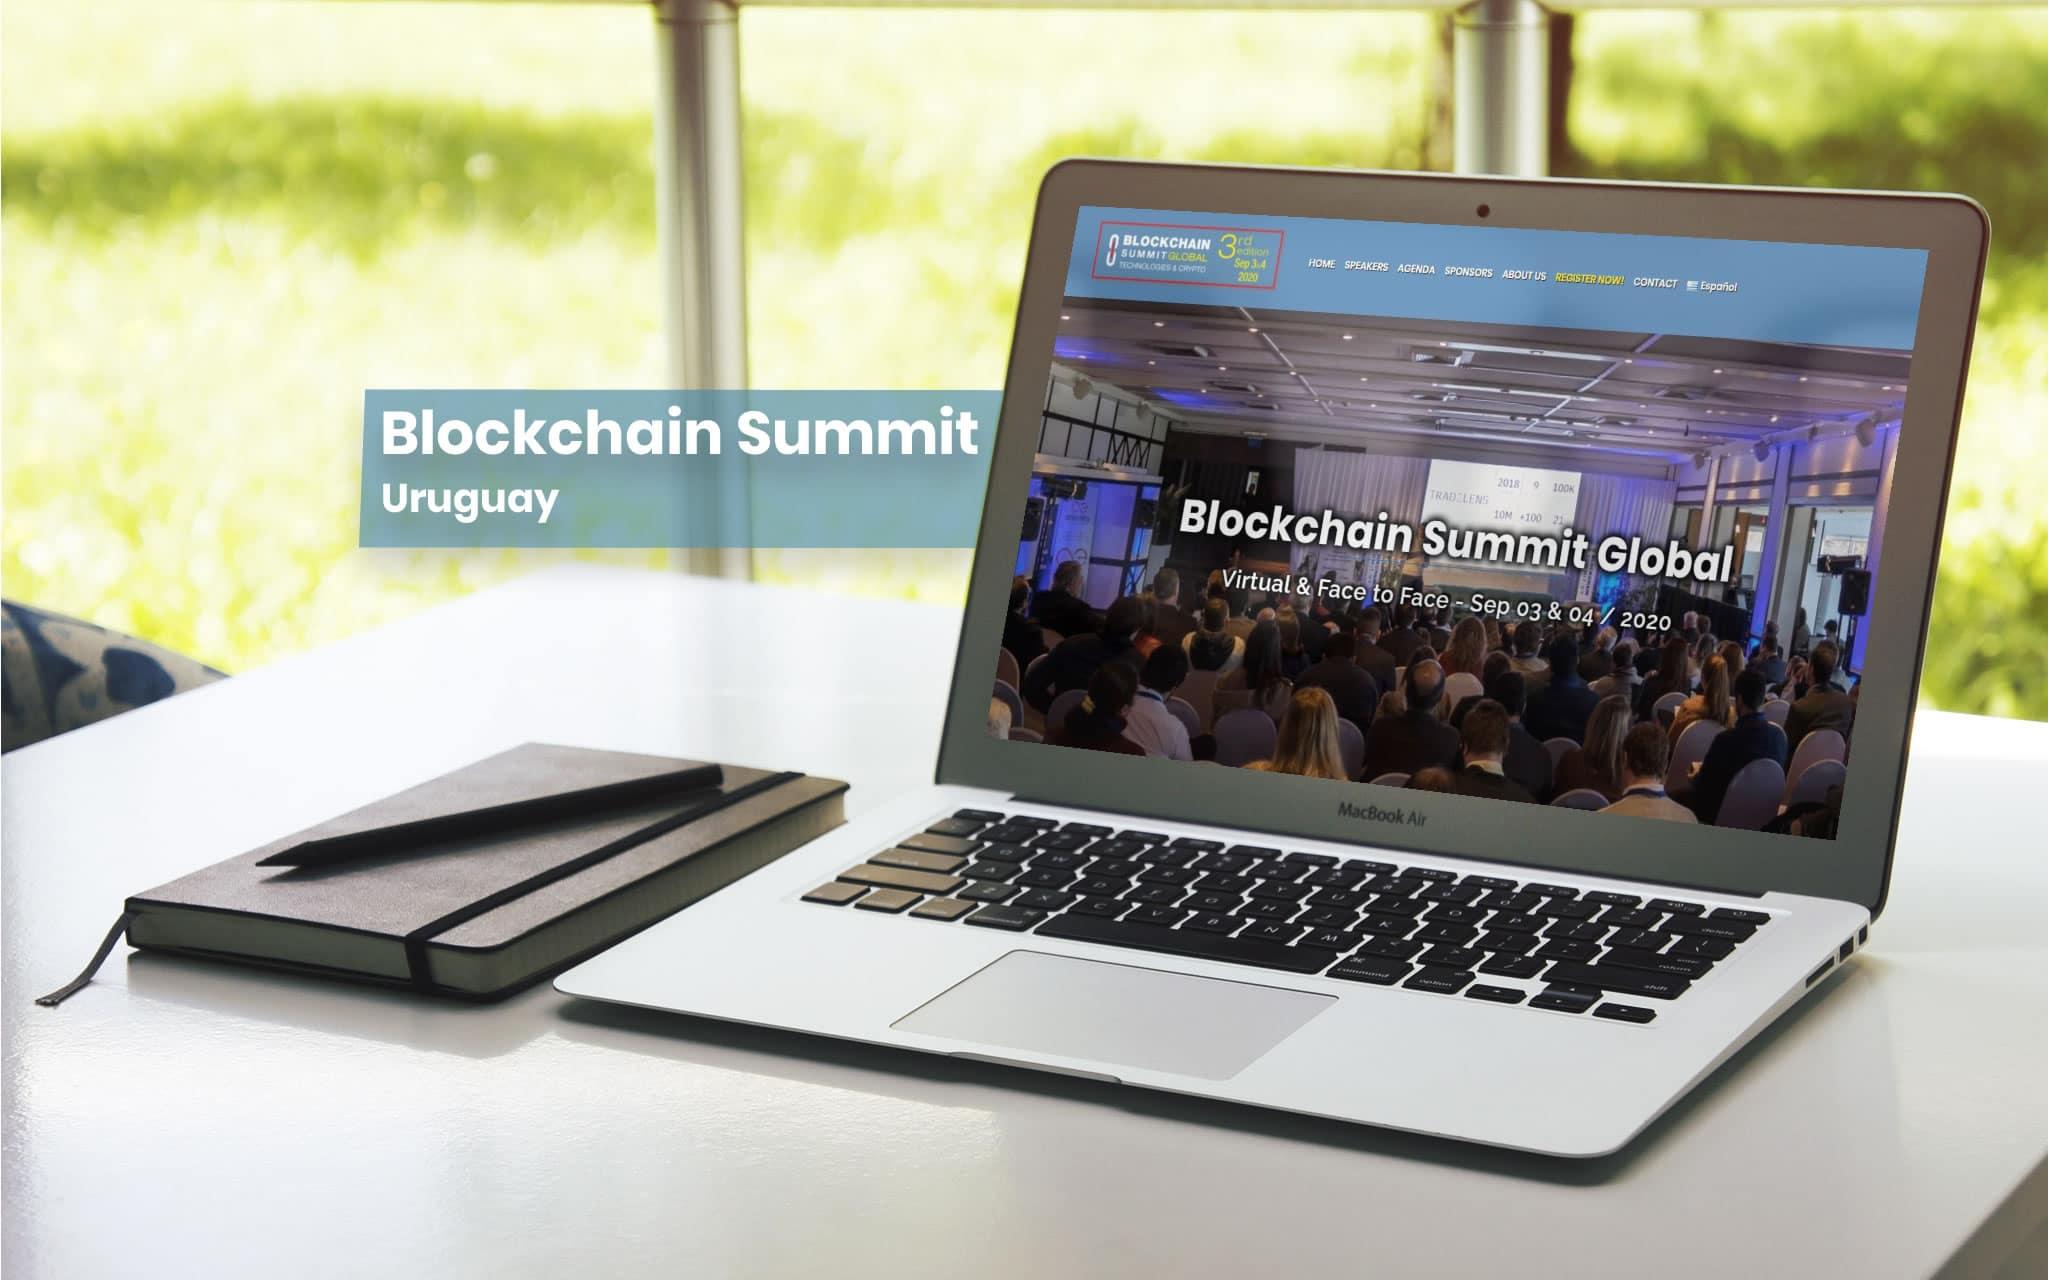 Blockchain Summit - Uruguay